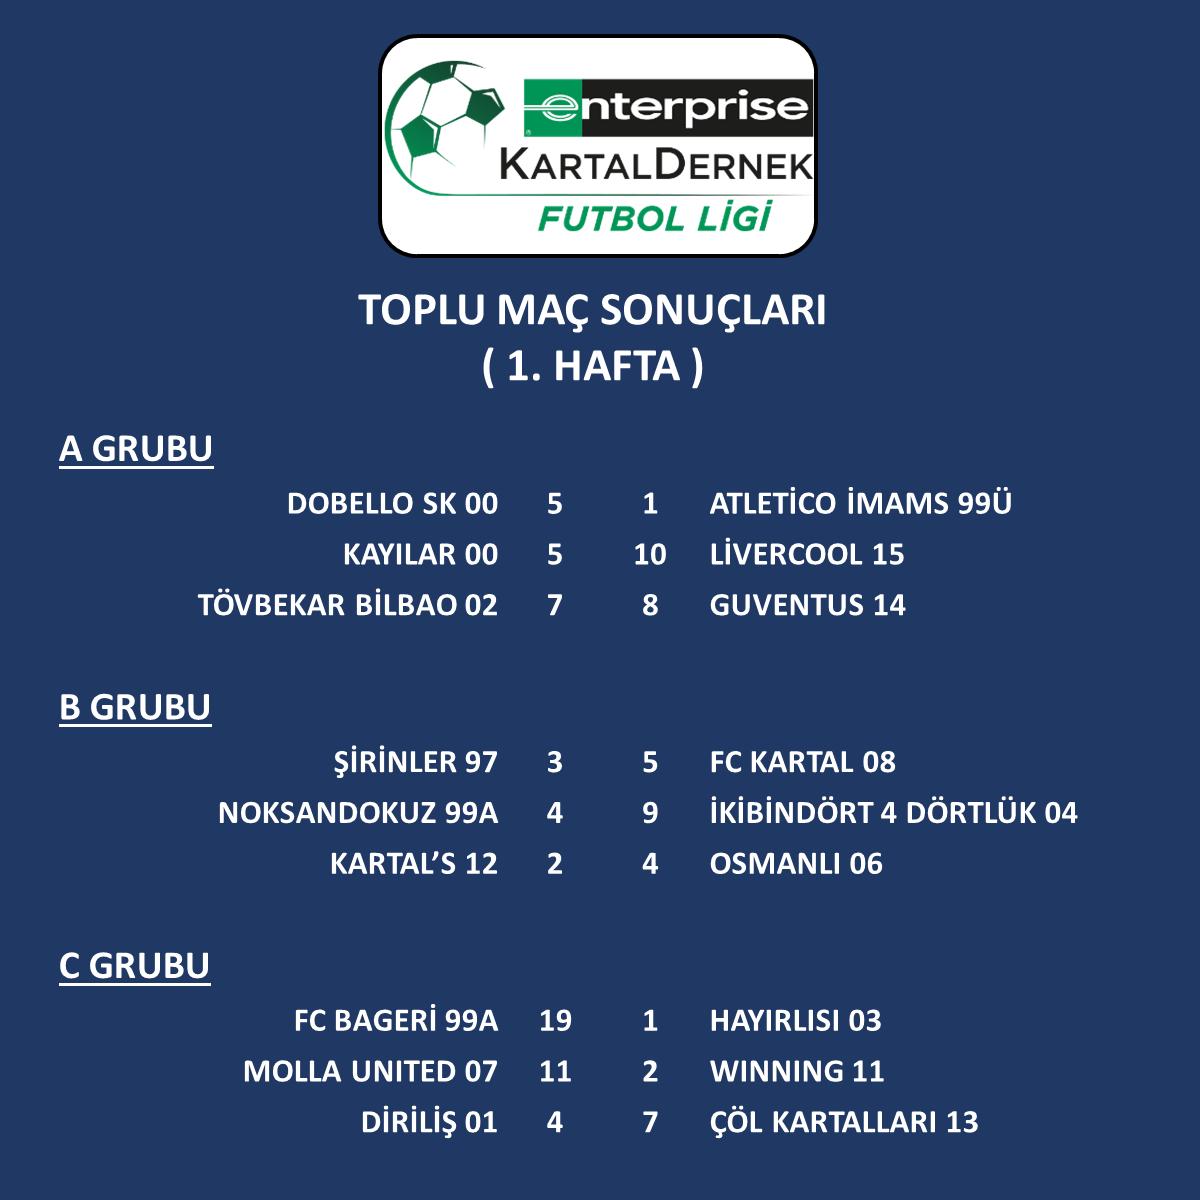 LİG_Toplu Maç Sonuçları_1.Hafta_FB_Paylaşım_070417